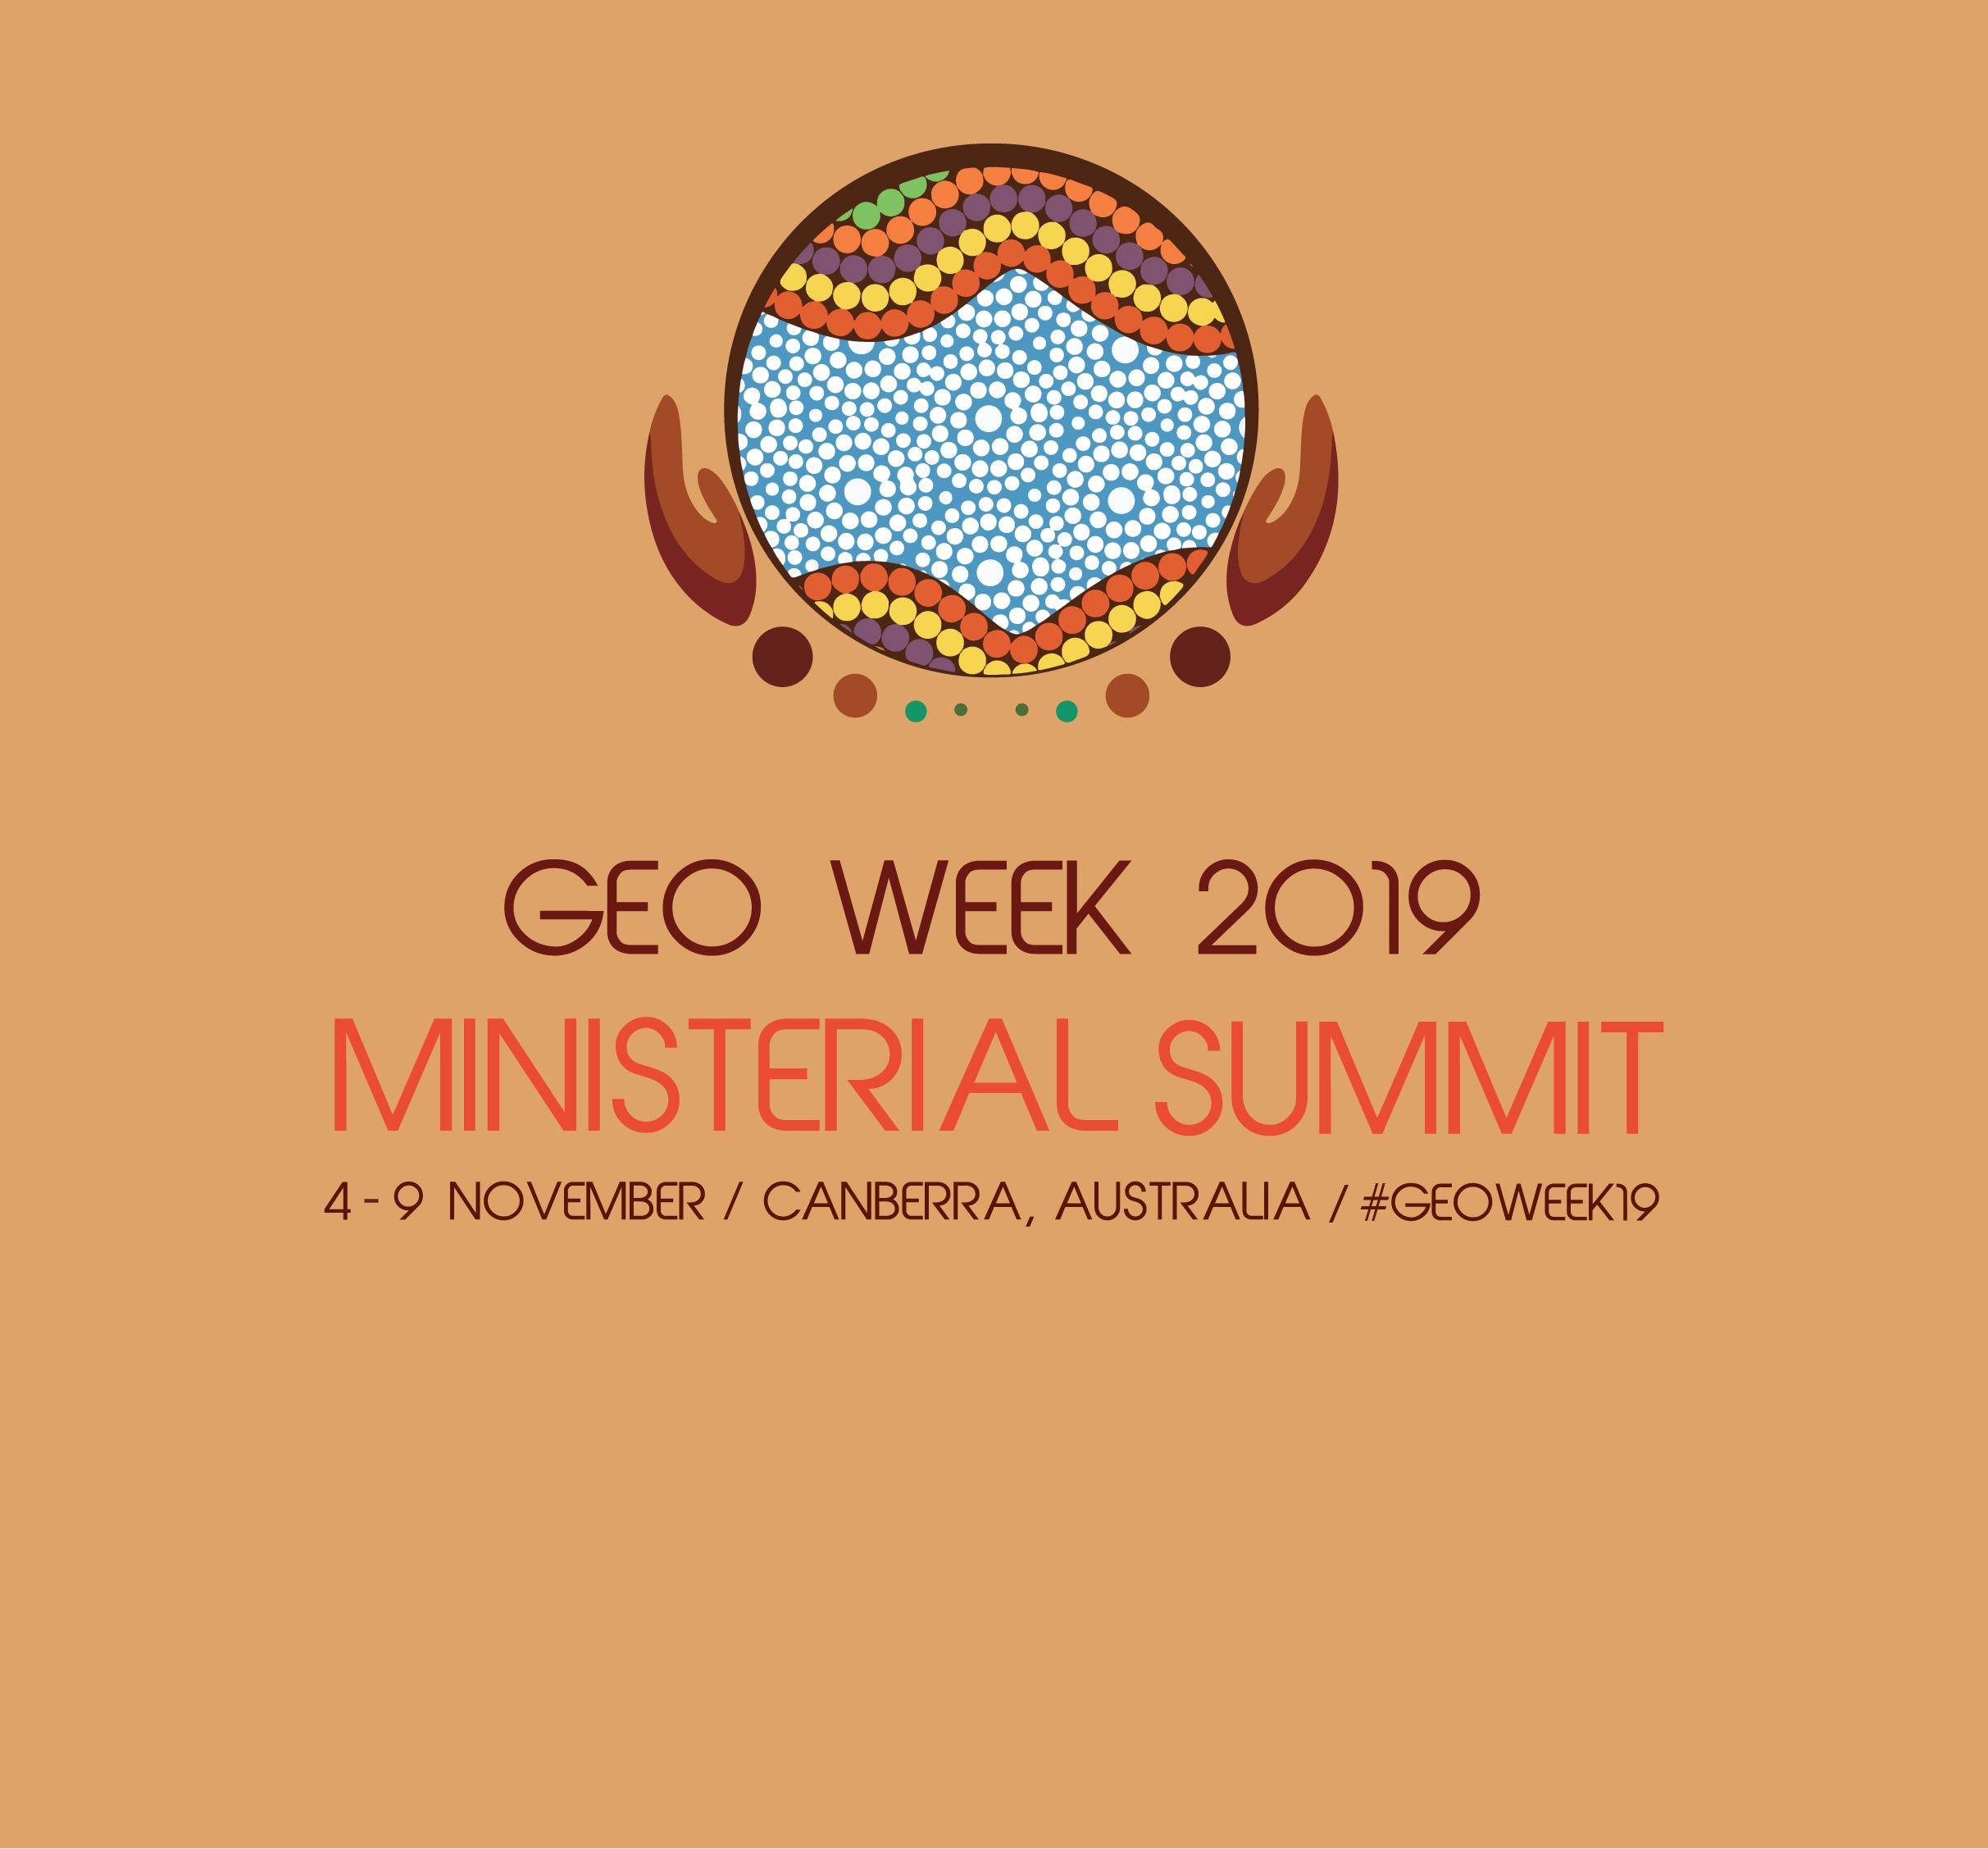 GEO Week 2019 / Ministerial Summit